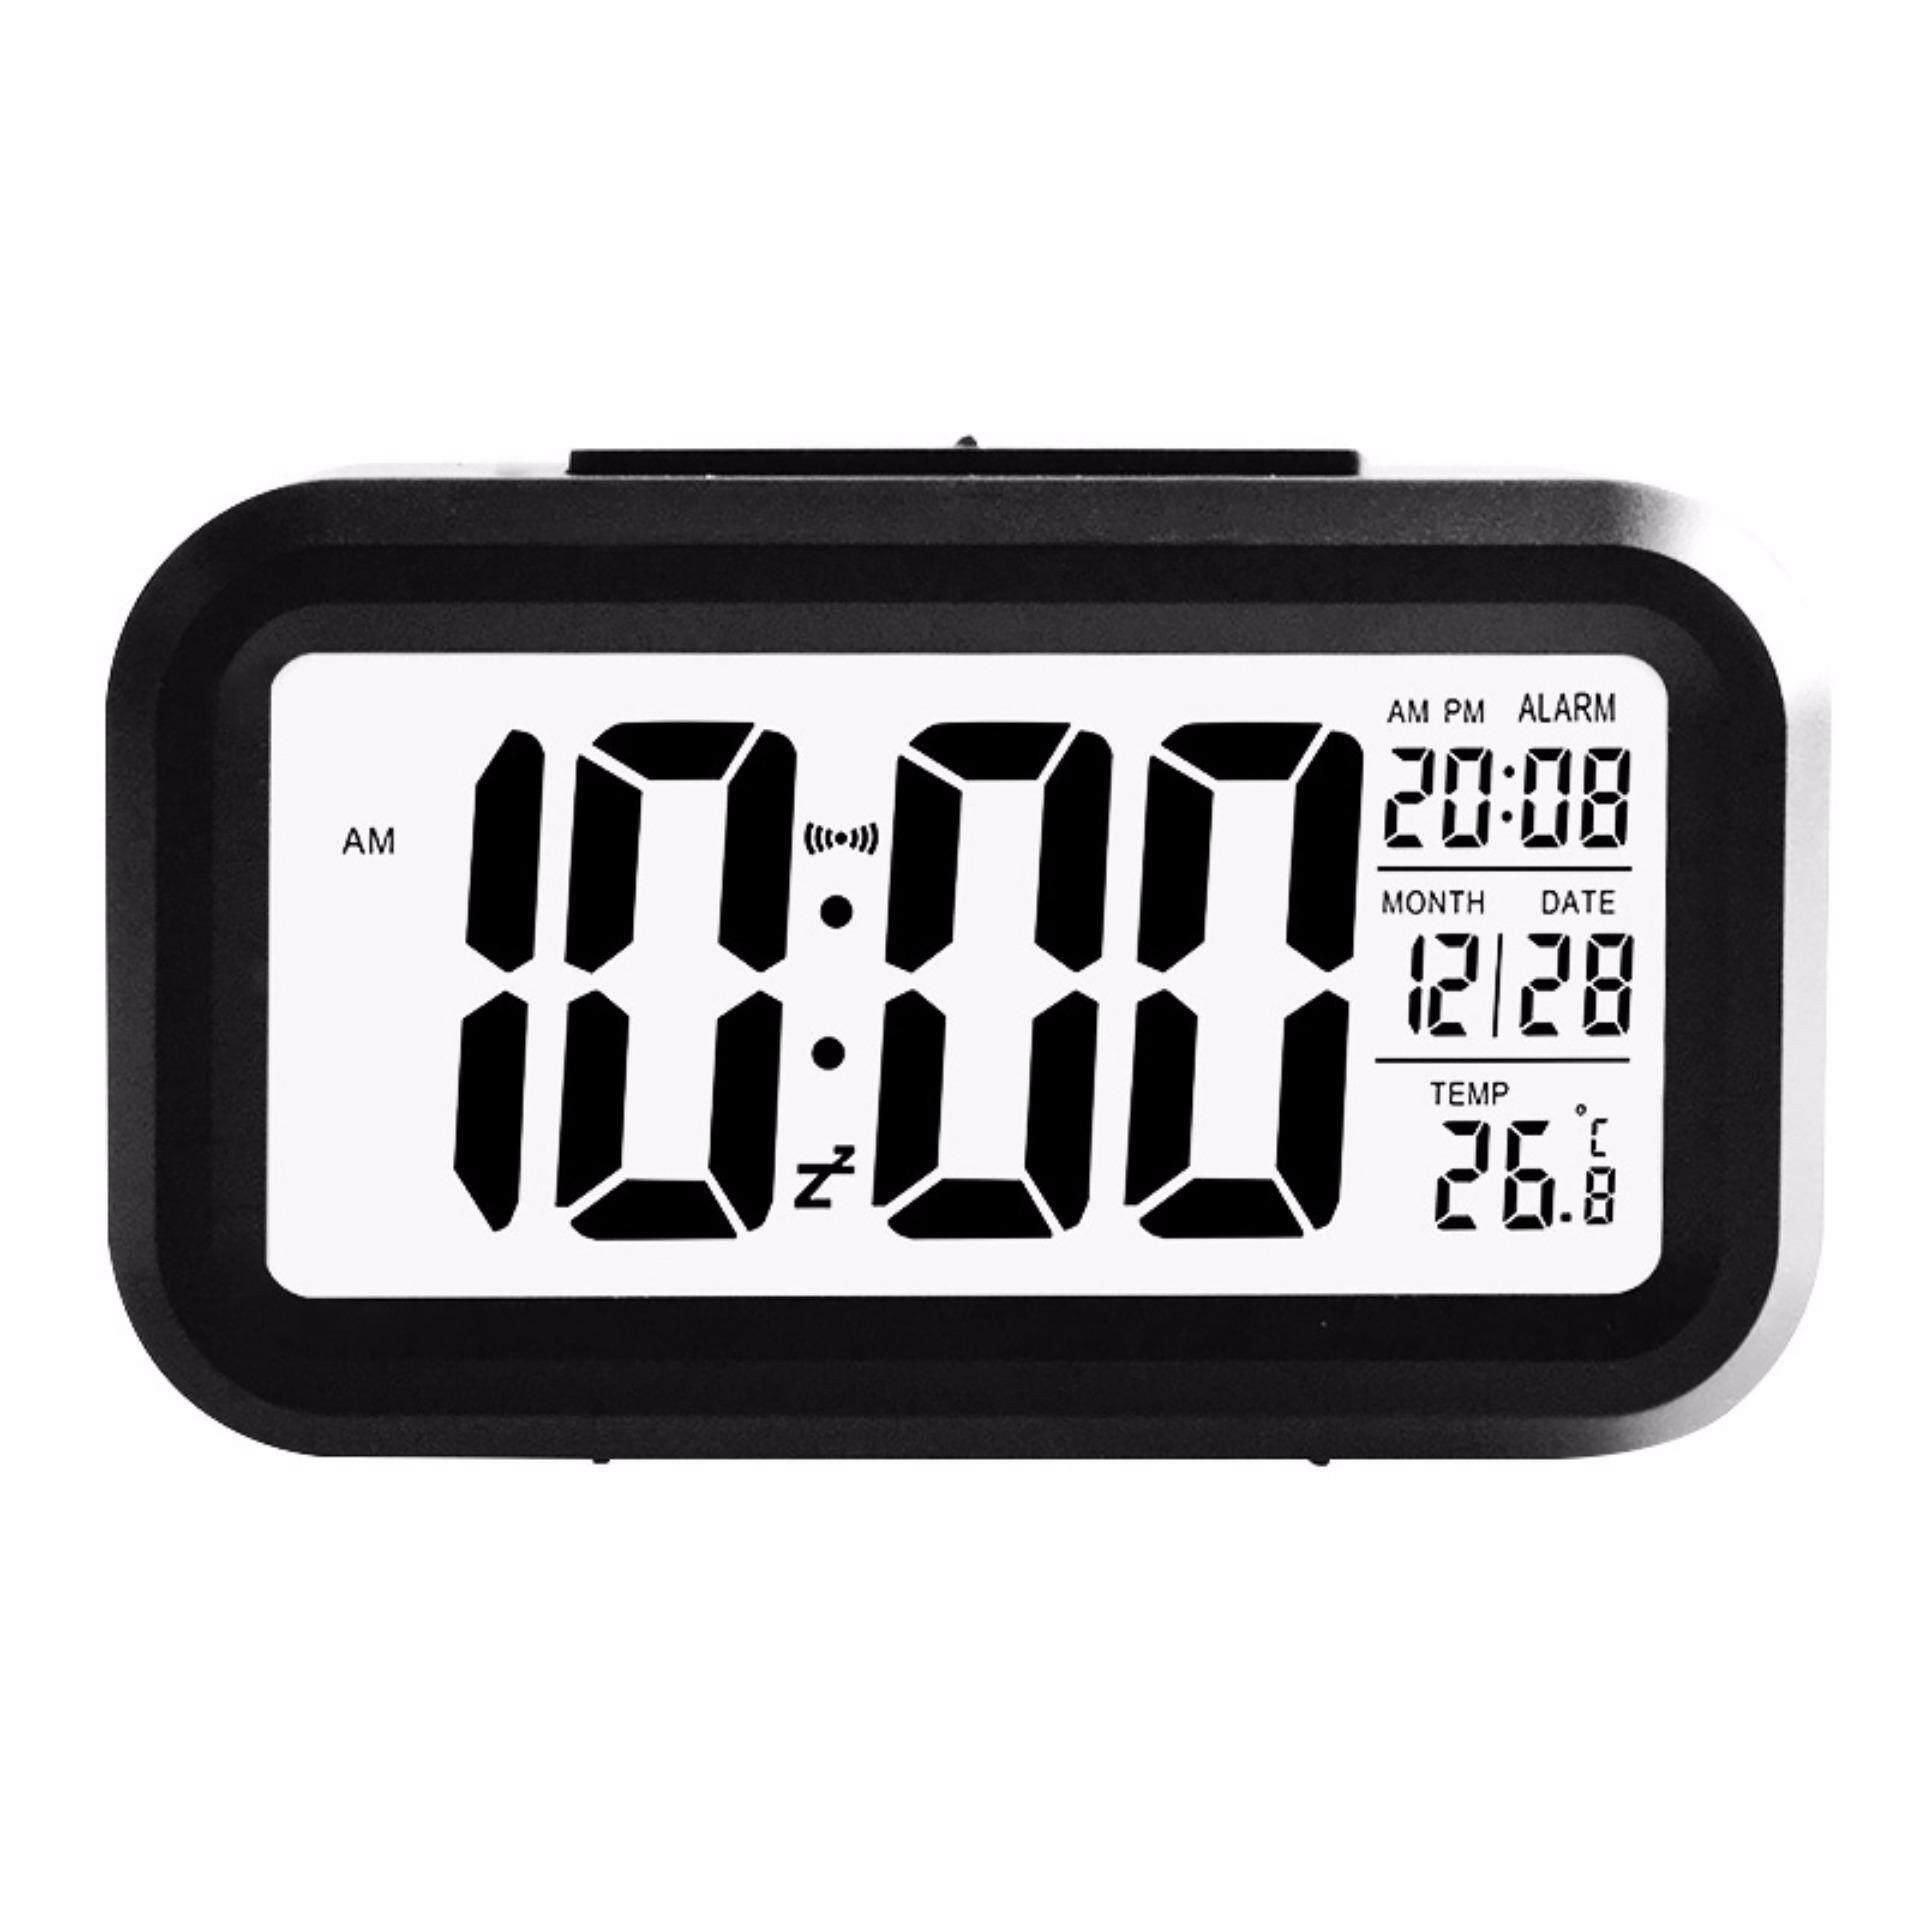 Beautiy Kota Baru Moderen Besar-Tampilan Digital Alarm Jam LED dengan Kalender Elektronik Meja Meja Jam-Internasional